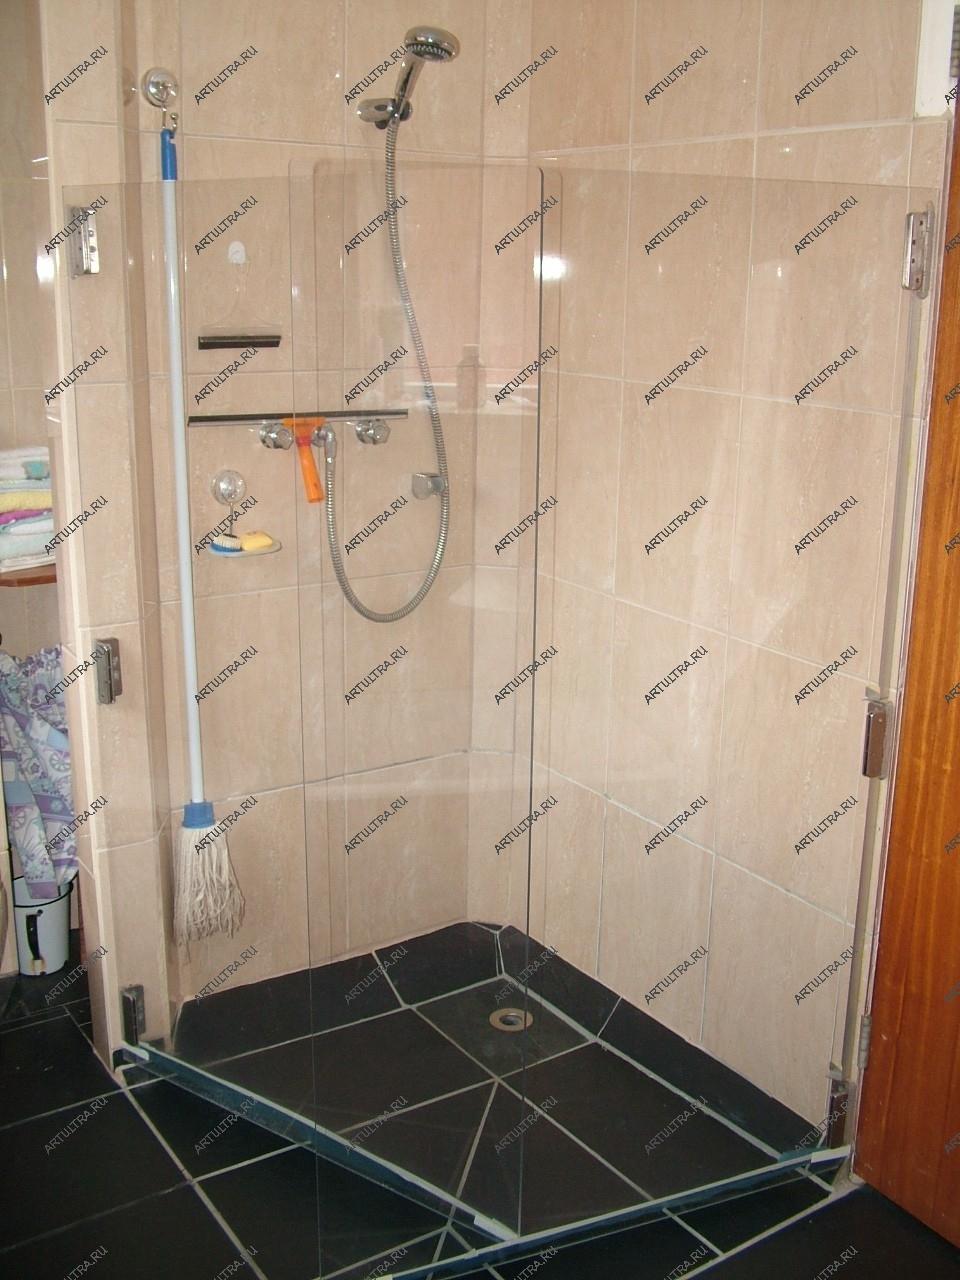 Как сделать ширму для ванны своими руками: главные тонкости и нюансы 2